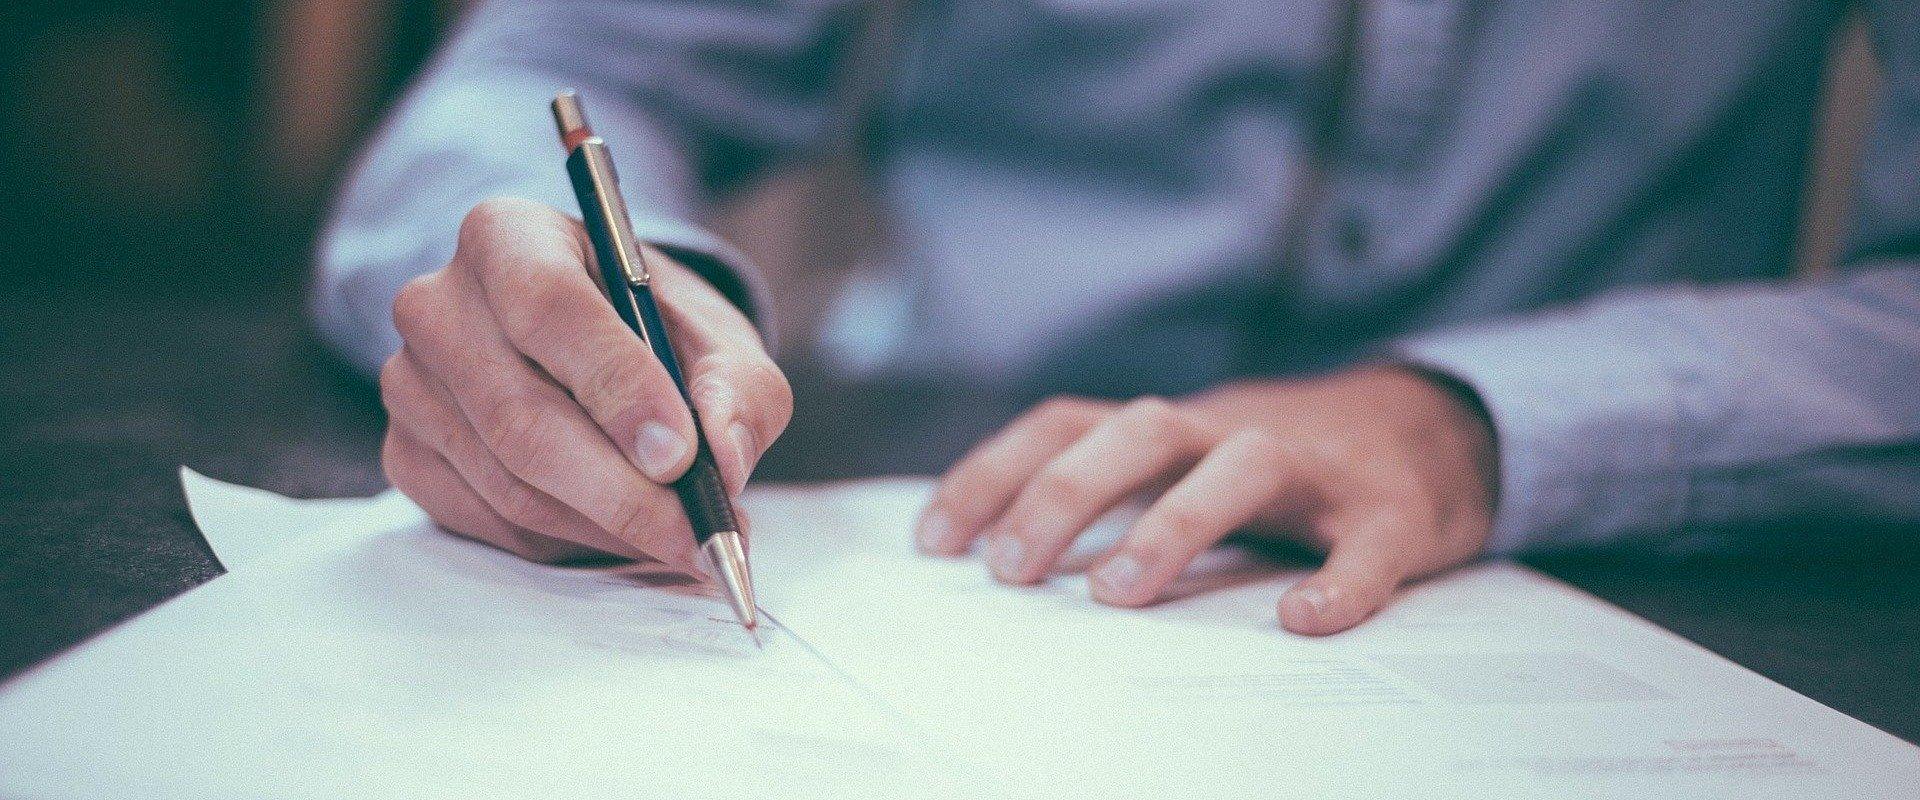 Podpisywanie dokumentów elektronicznych – jak to zrobić i na co uważać?